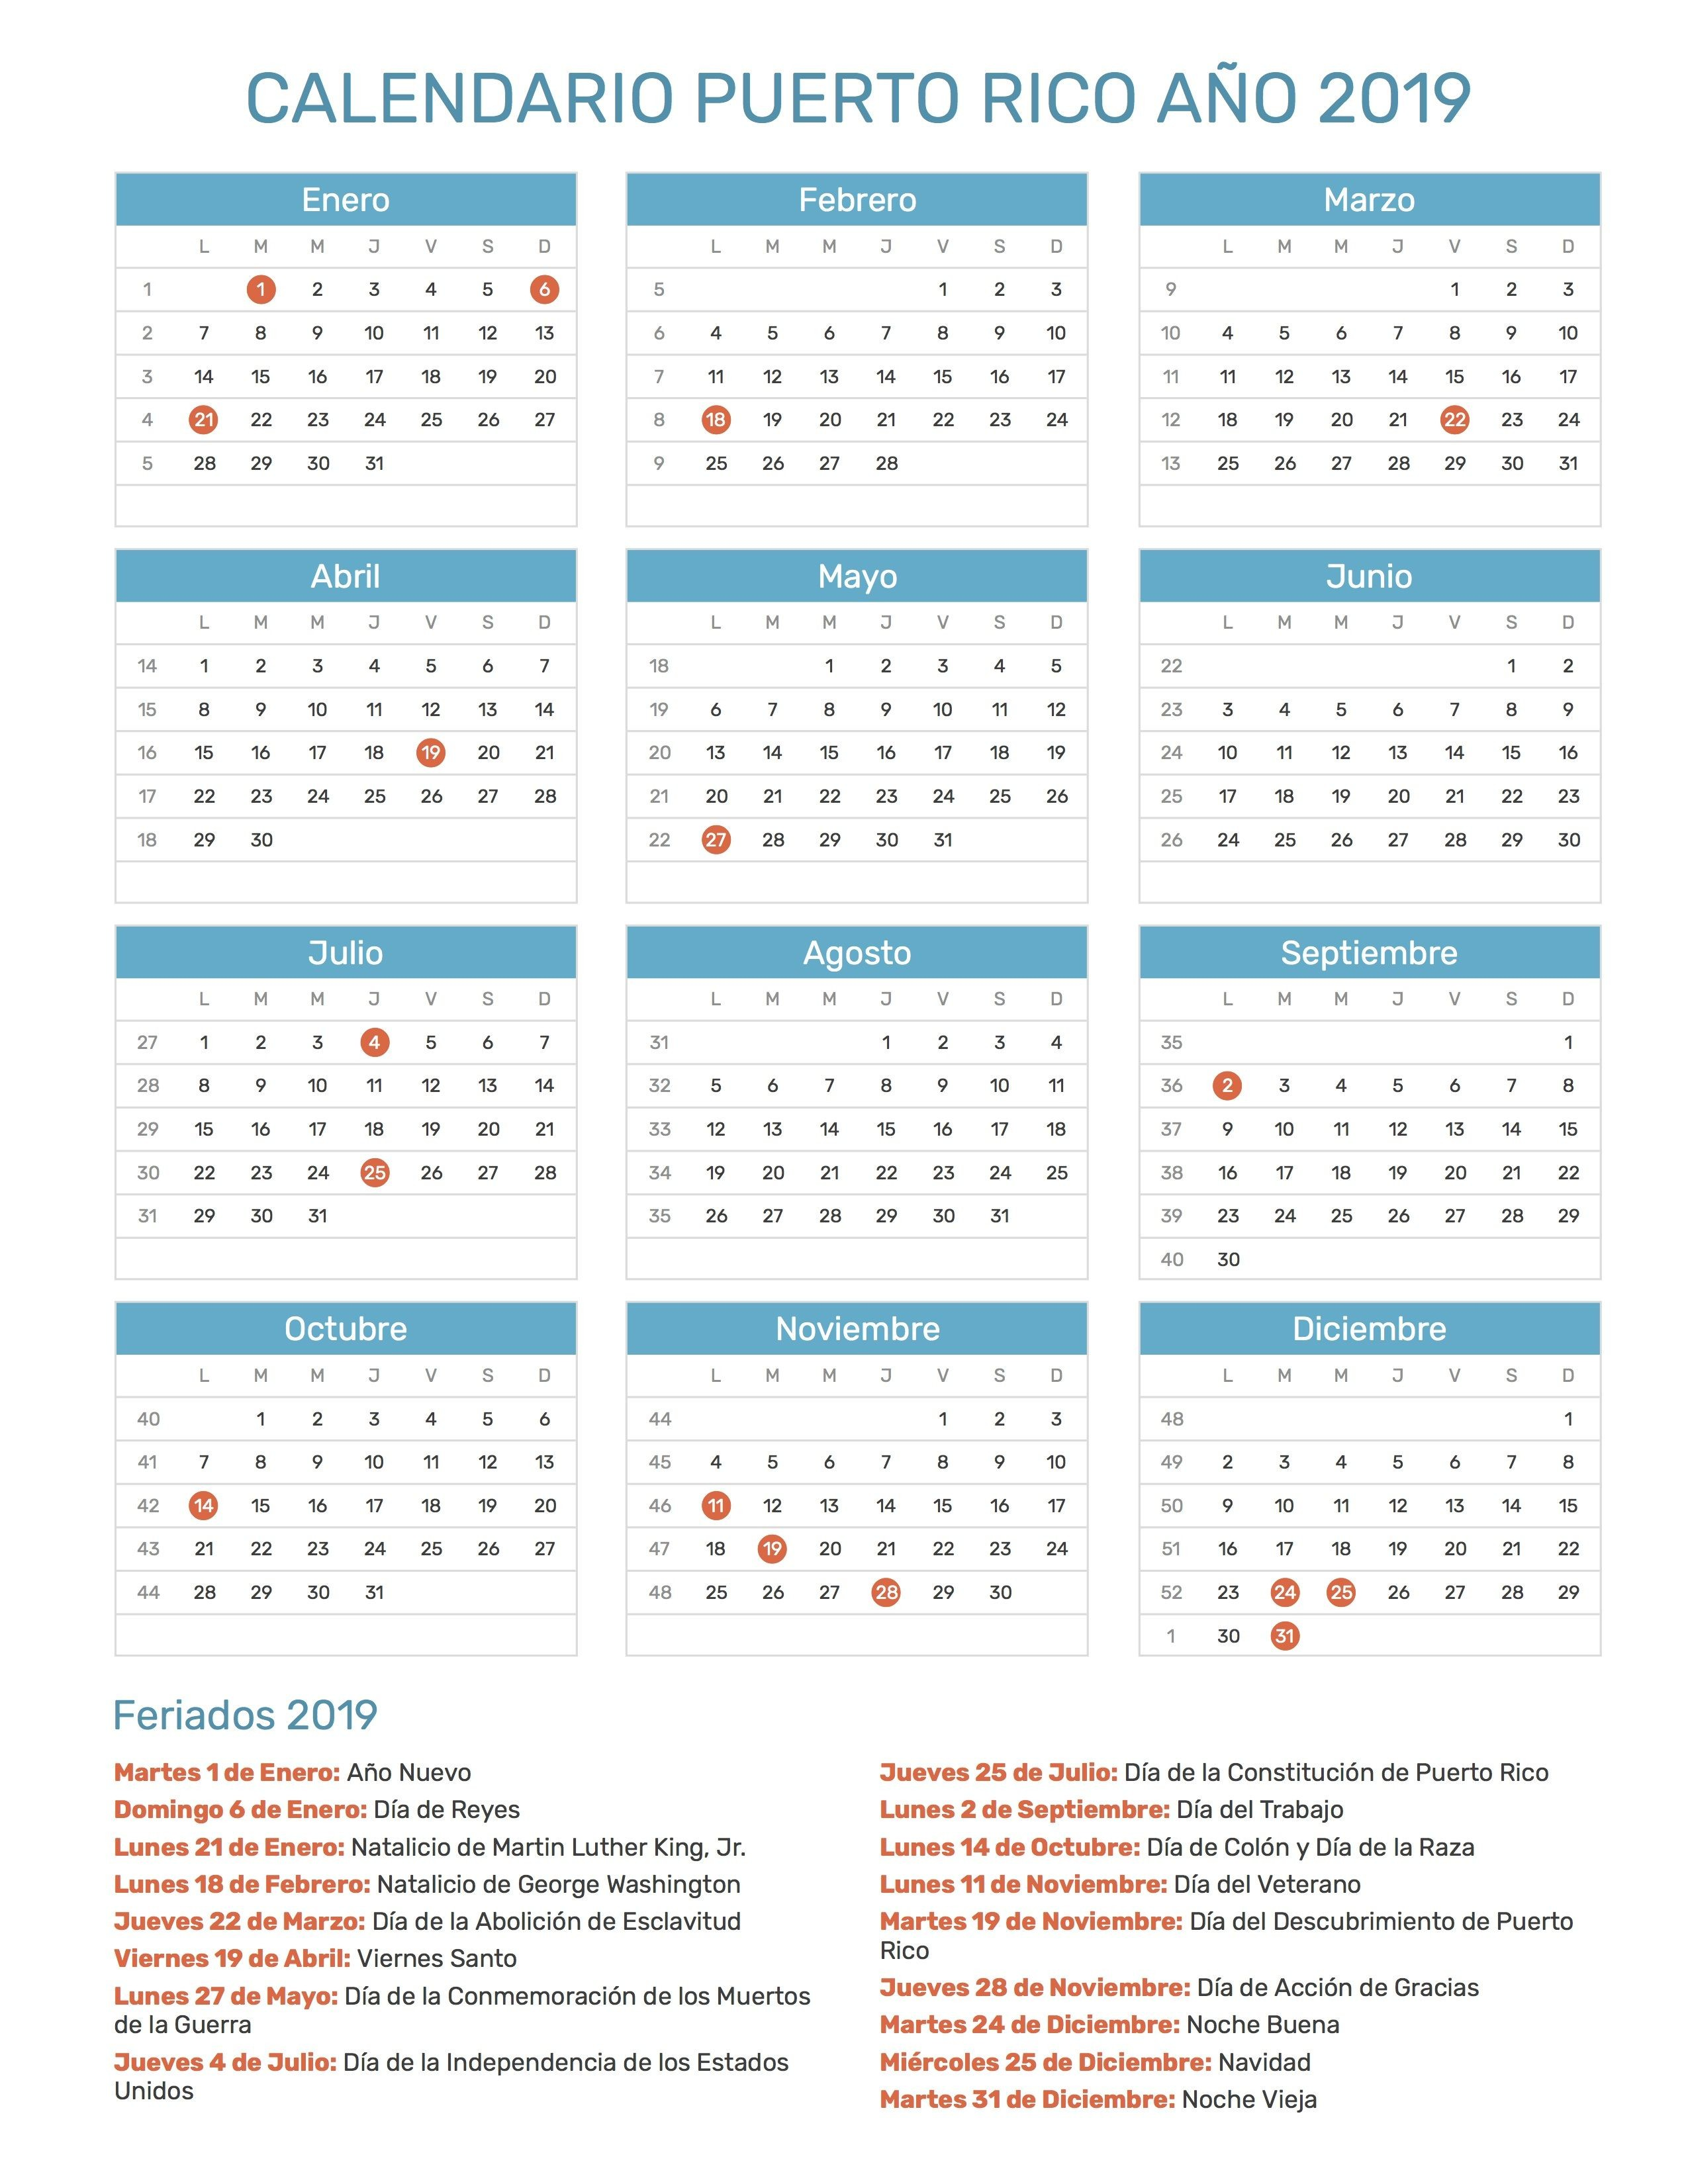 Calendario Mensual 2019 Para Imprimir Bonito Recientes Pin De Calendario Hispano En Calendario Con Feriados A±o 2019 Of Calendario Mensual 2019 Para Imprimir Bonito Más Populares Imprimir Calendario Cheap Calendario Enero Para Imprimir Agosto